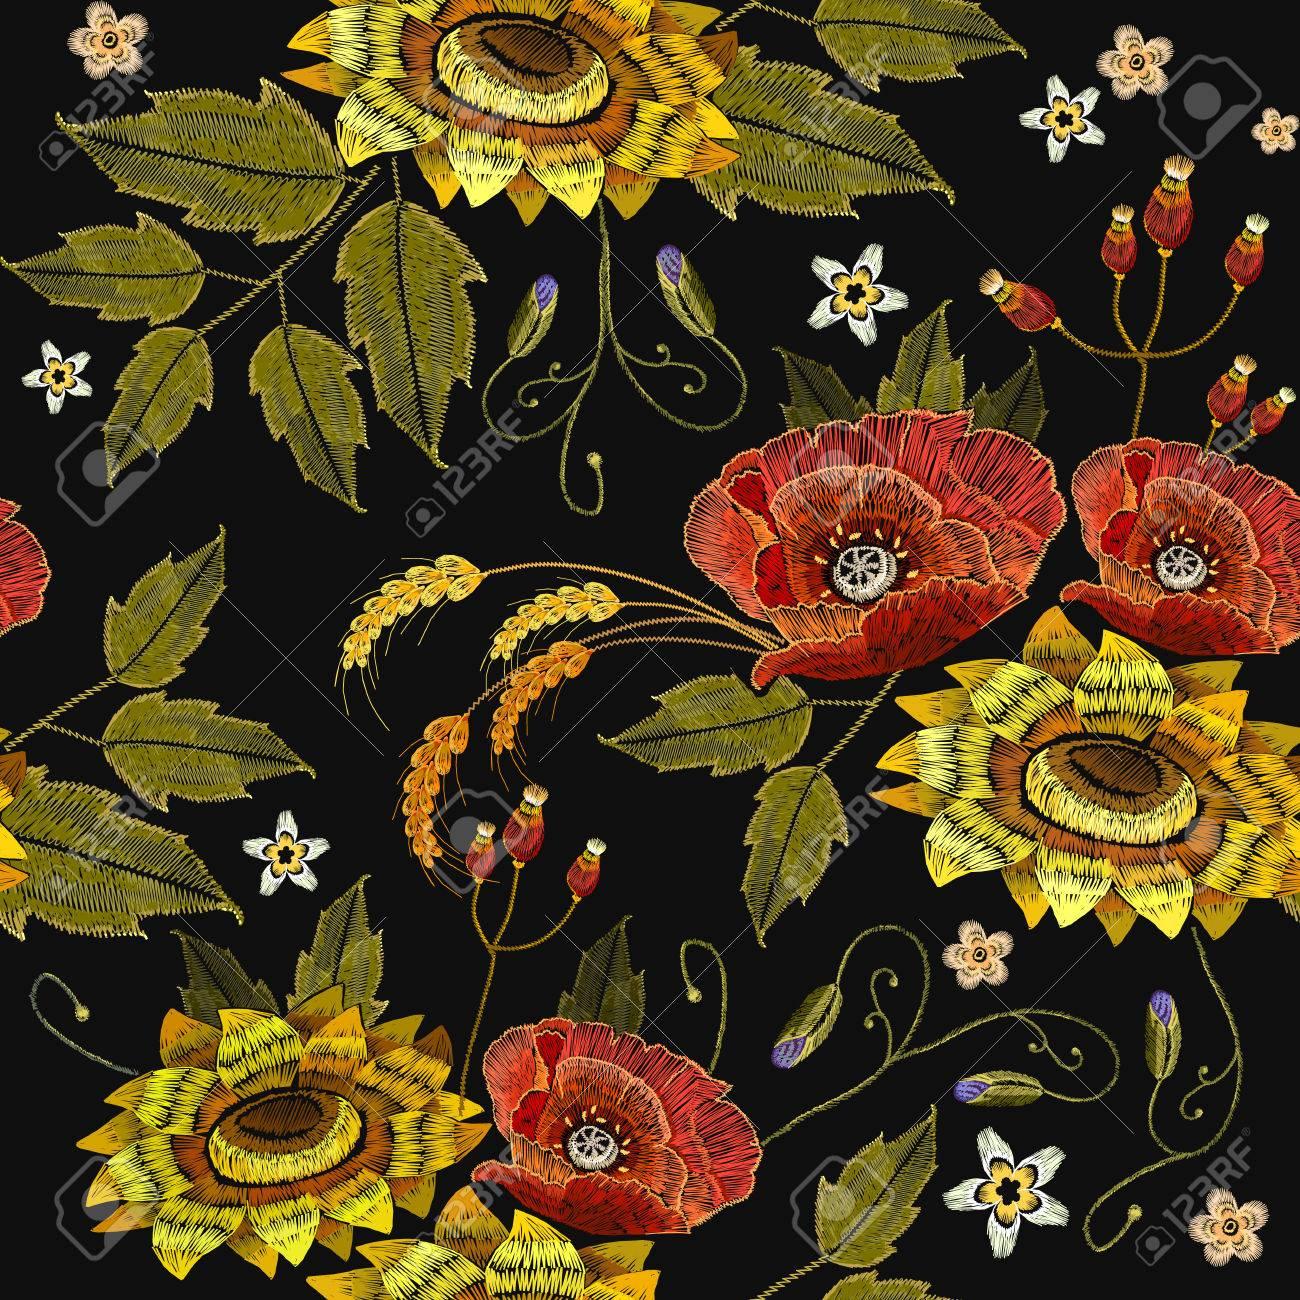 Stickerei Stieg Und Sonnenblumen Nahtlose Muster. Schöne Stickerei ...